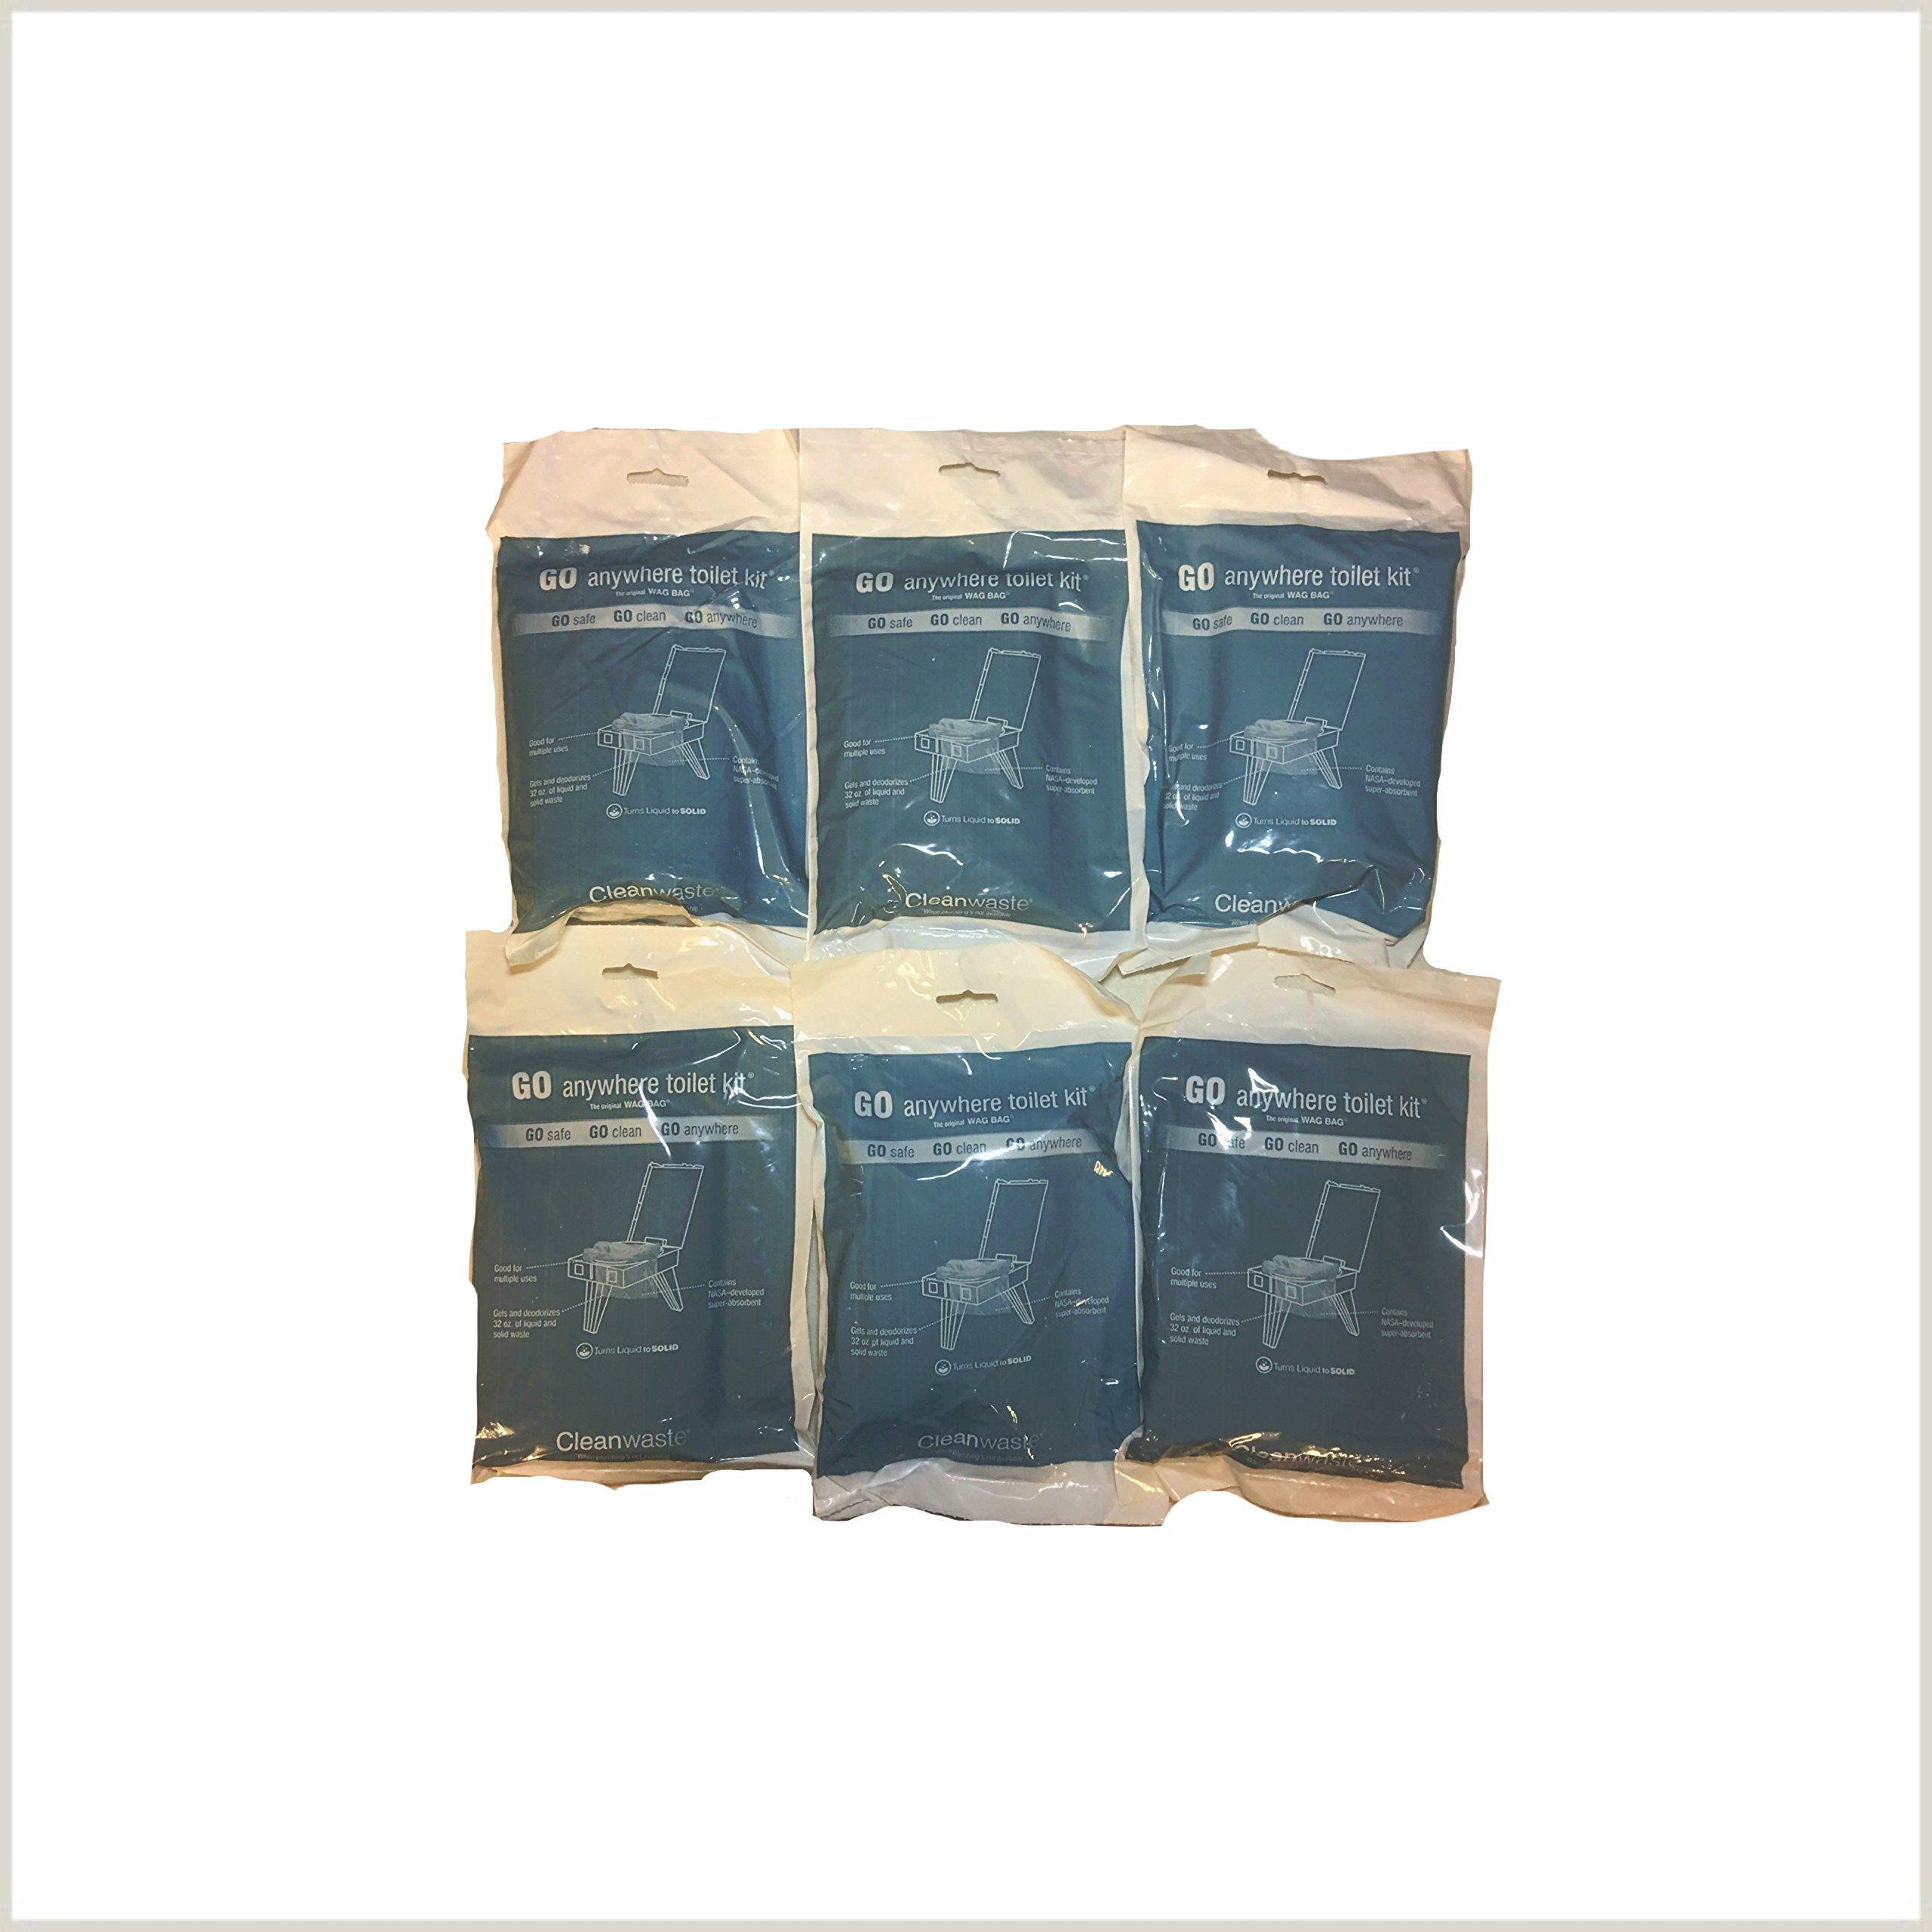 Cleanwaste Wag Bags Toilet Kit Pack of 6